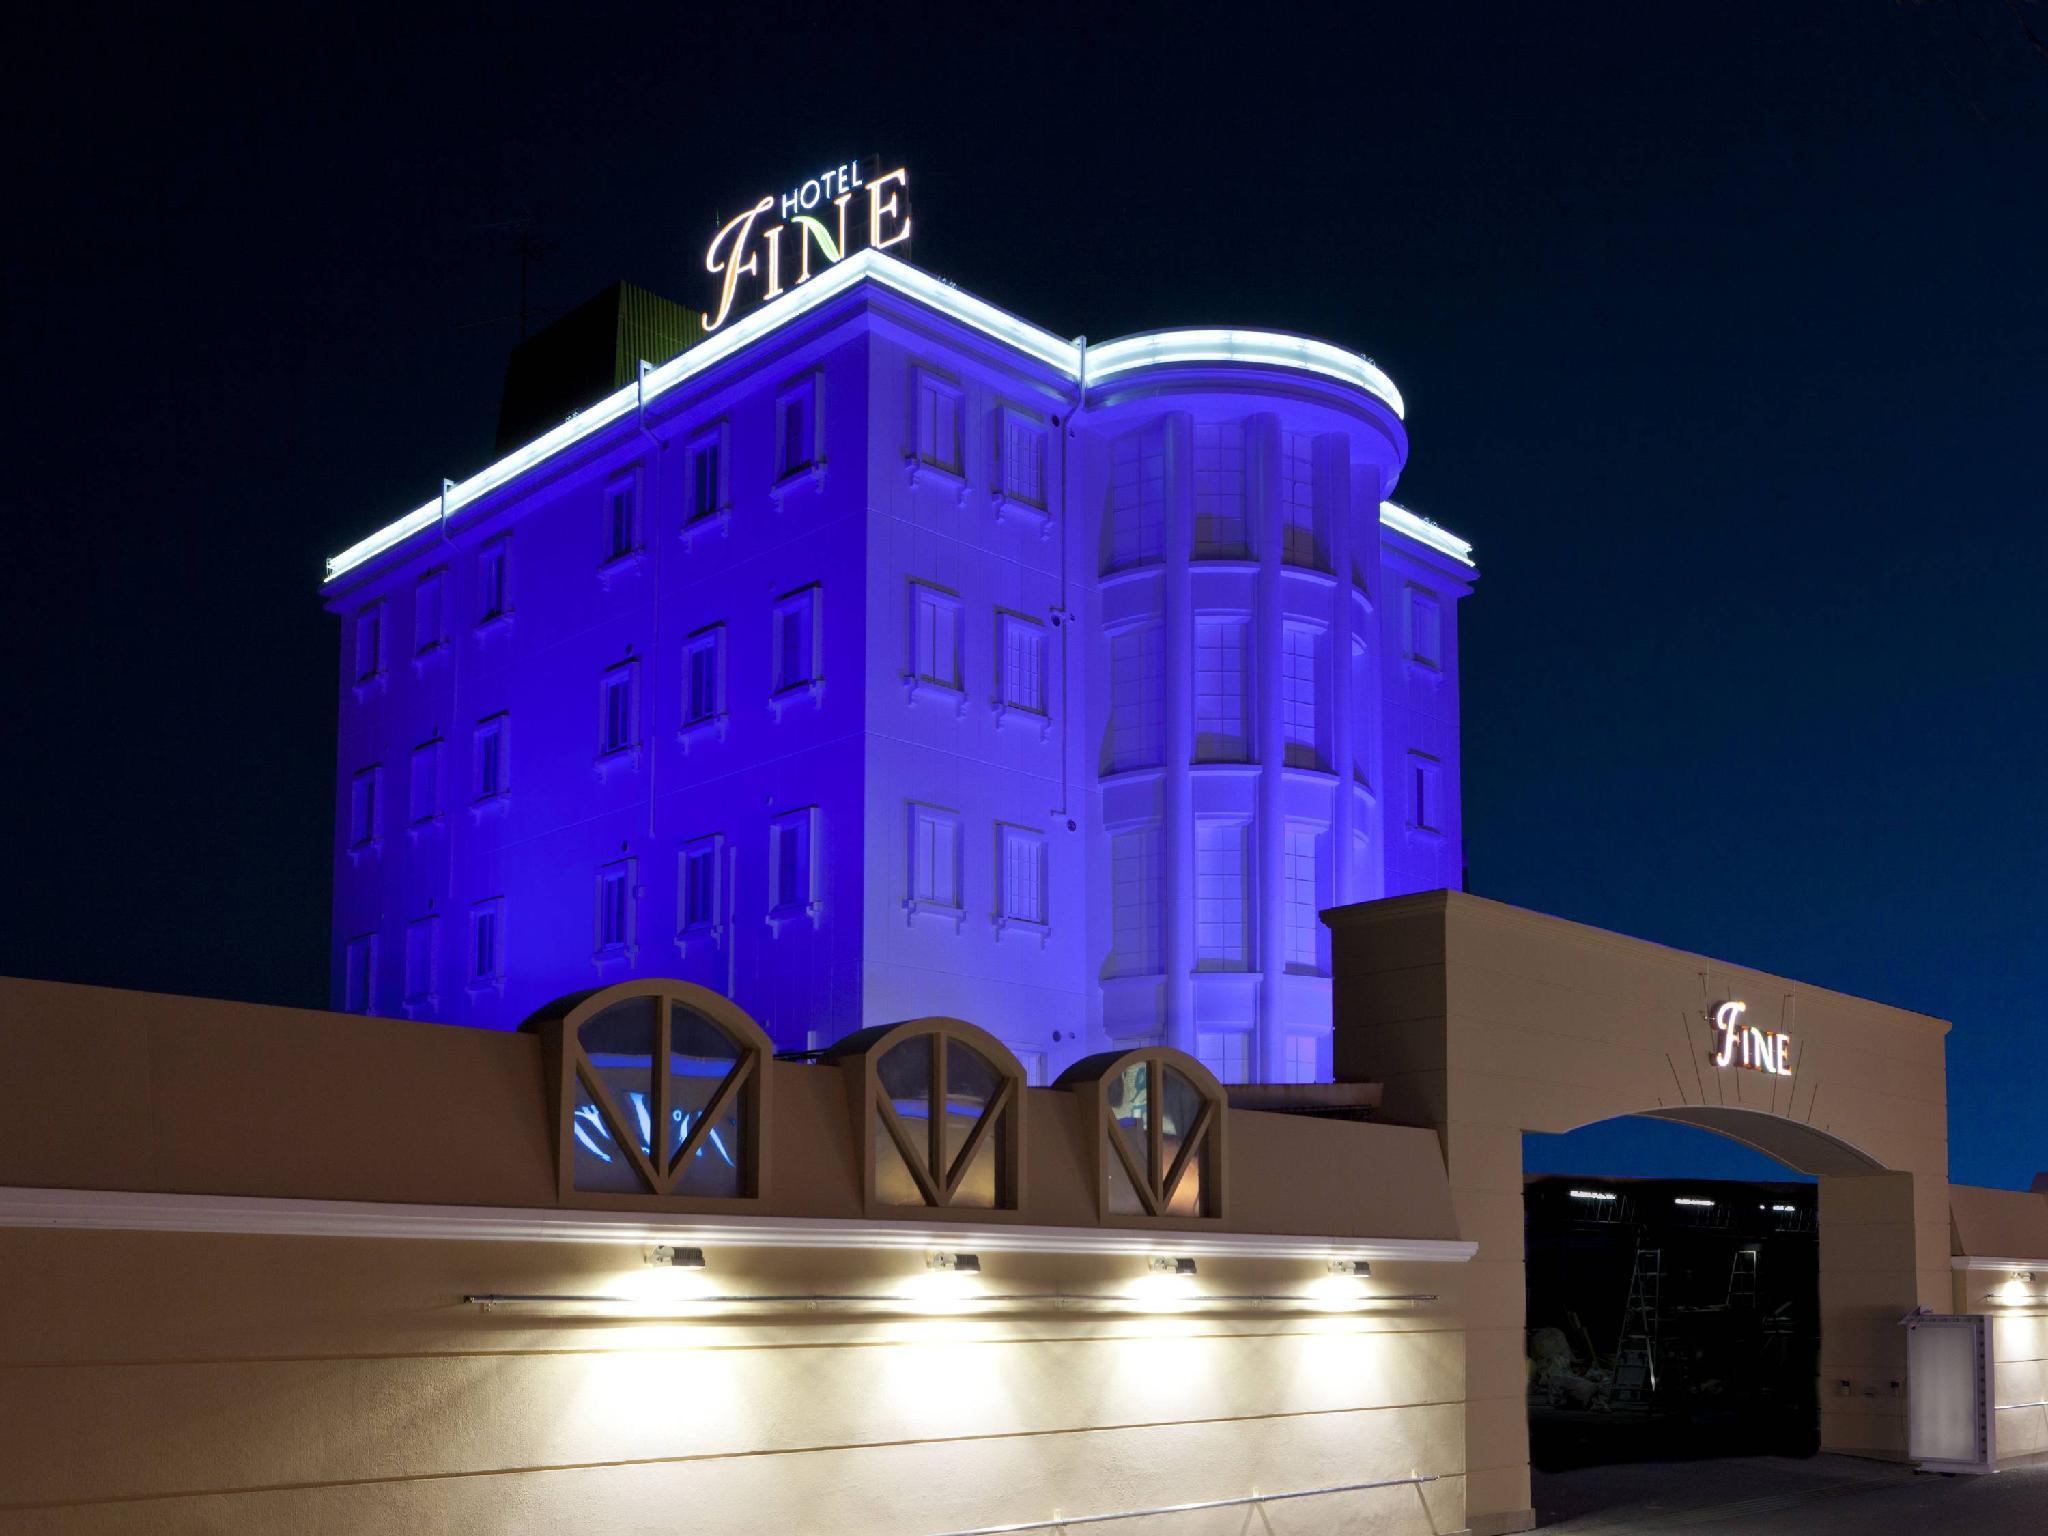 โรงแรมไฟน์ การ์เดน โอกะยะมะ 1 ที่จอดรถฟรี - สำหรับผู้ใหญ่เท่านั้น